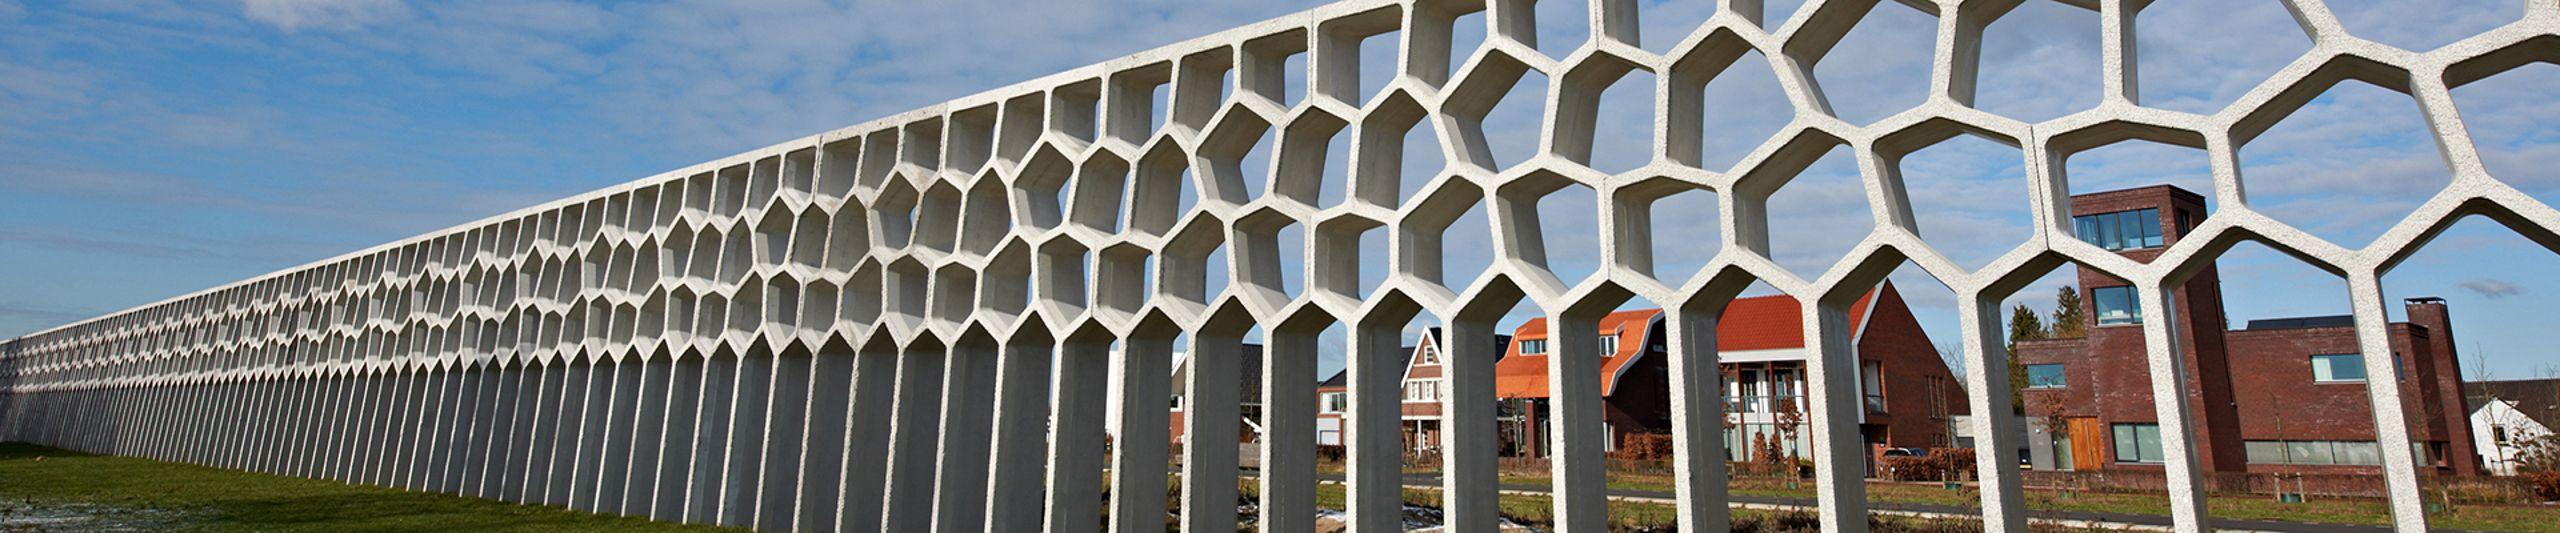 Architekturbeton in jeder Form und Güte